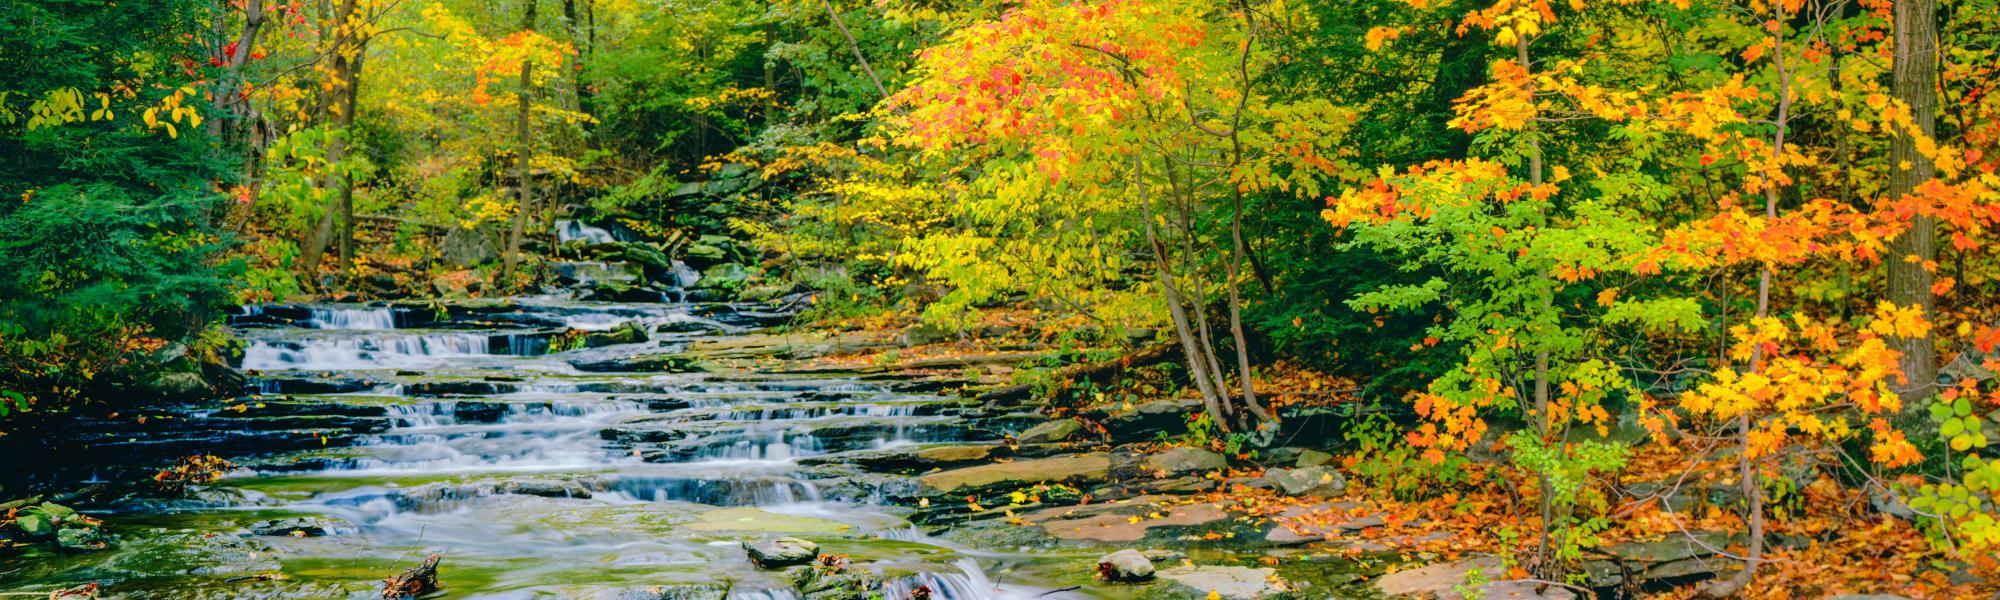 Neighborhood near Autumn Chase in Ellington, Connecticut